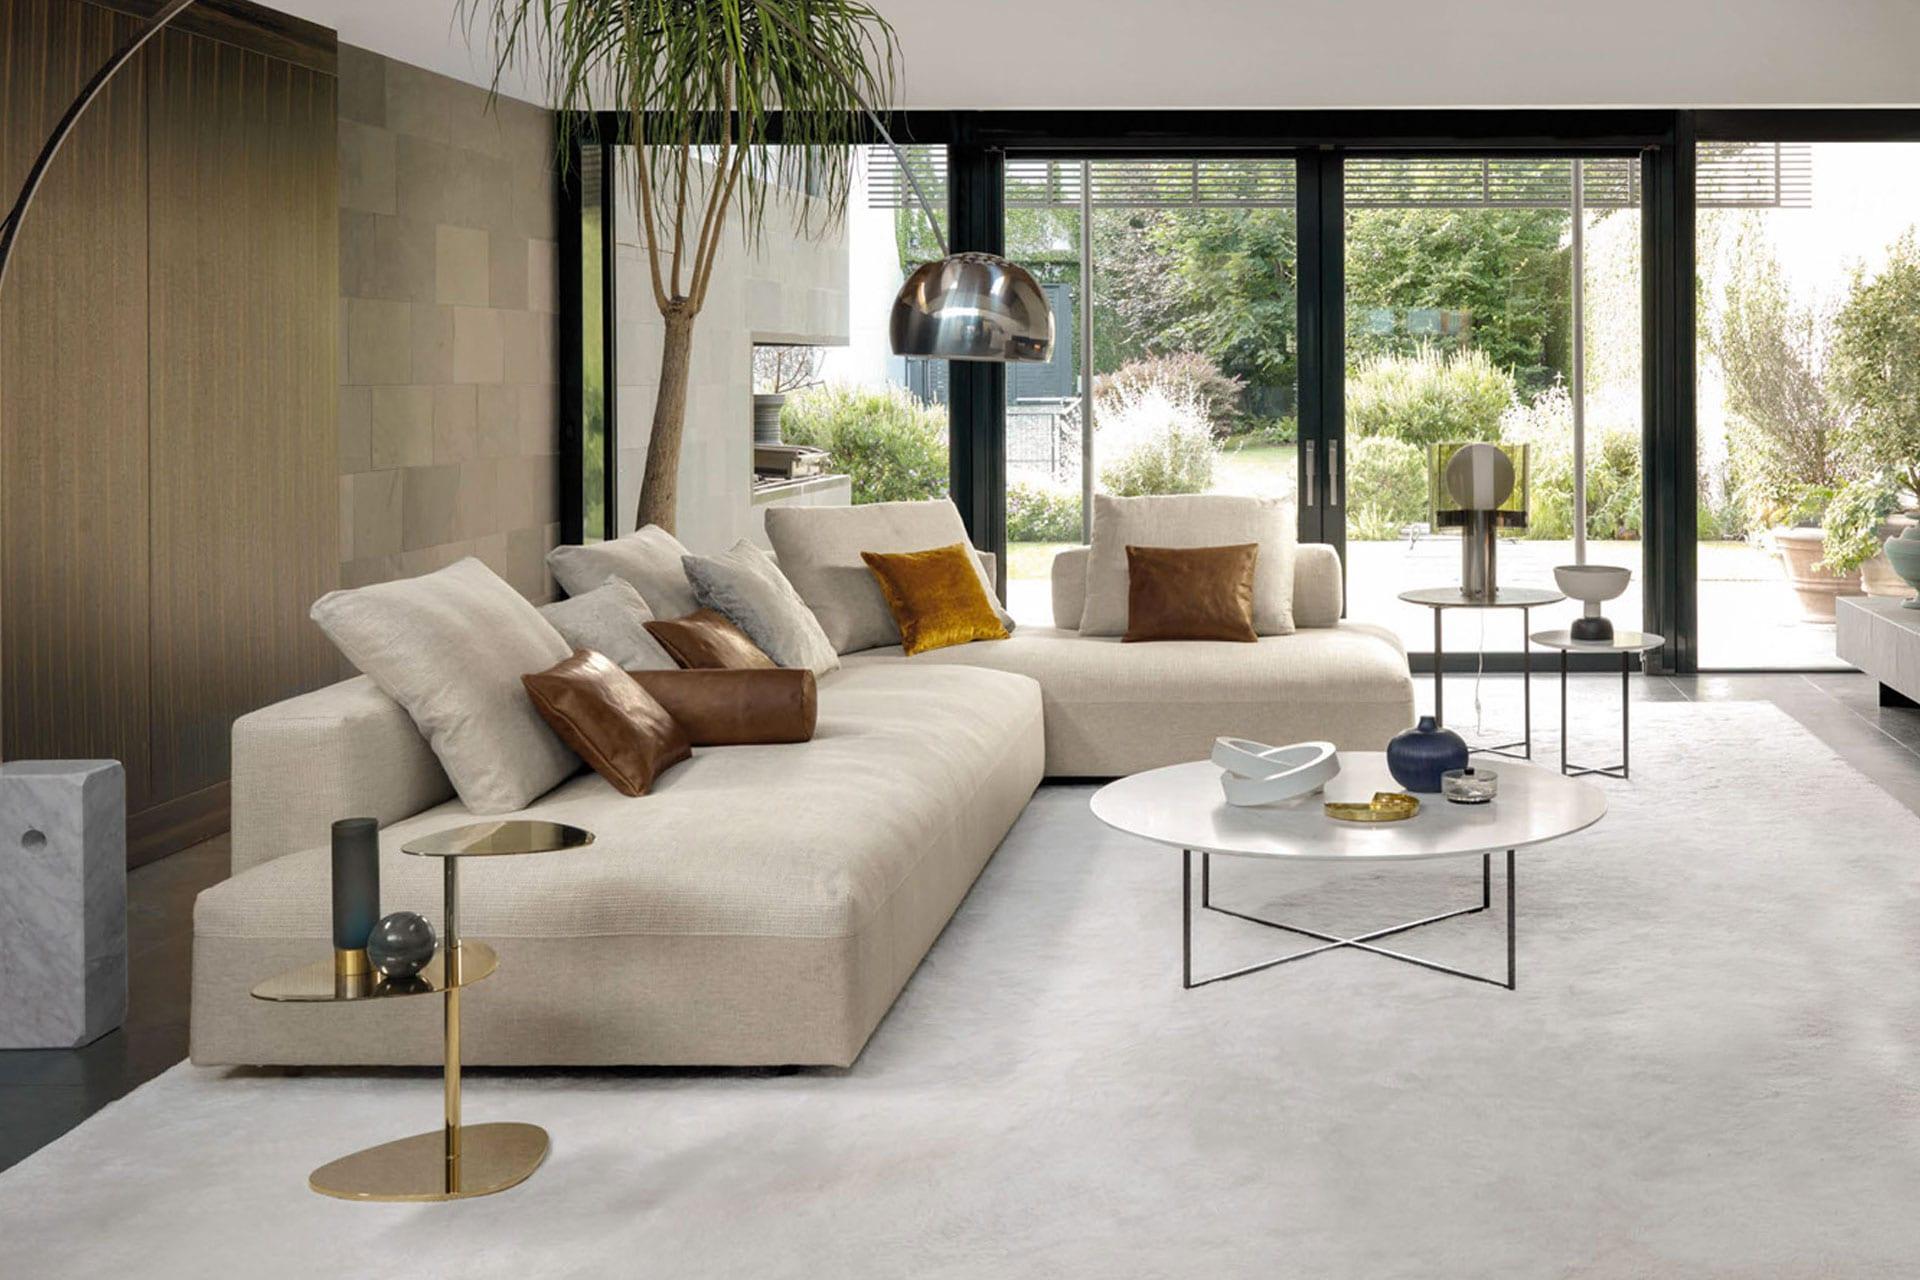 Il divano perfetto: 10 consigli su come scegliere l ...